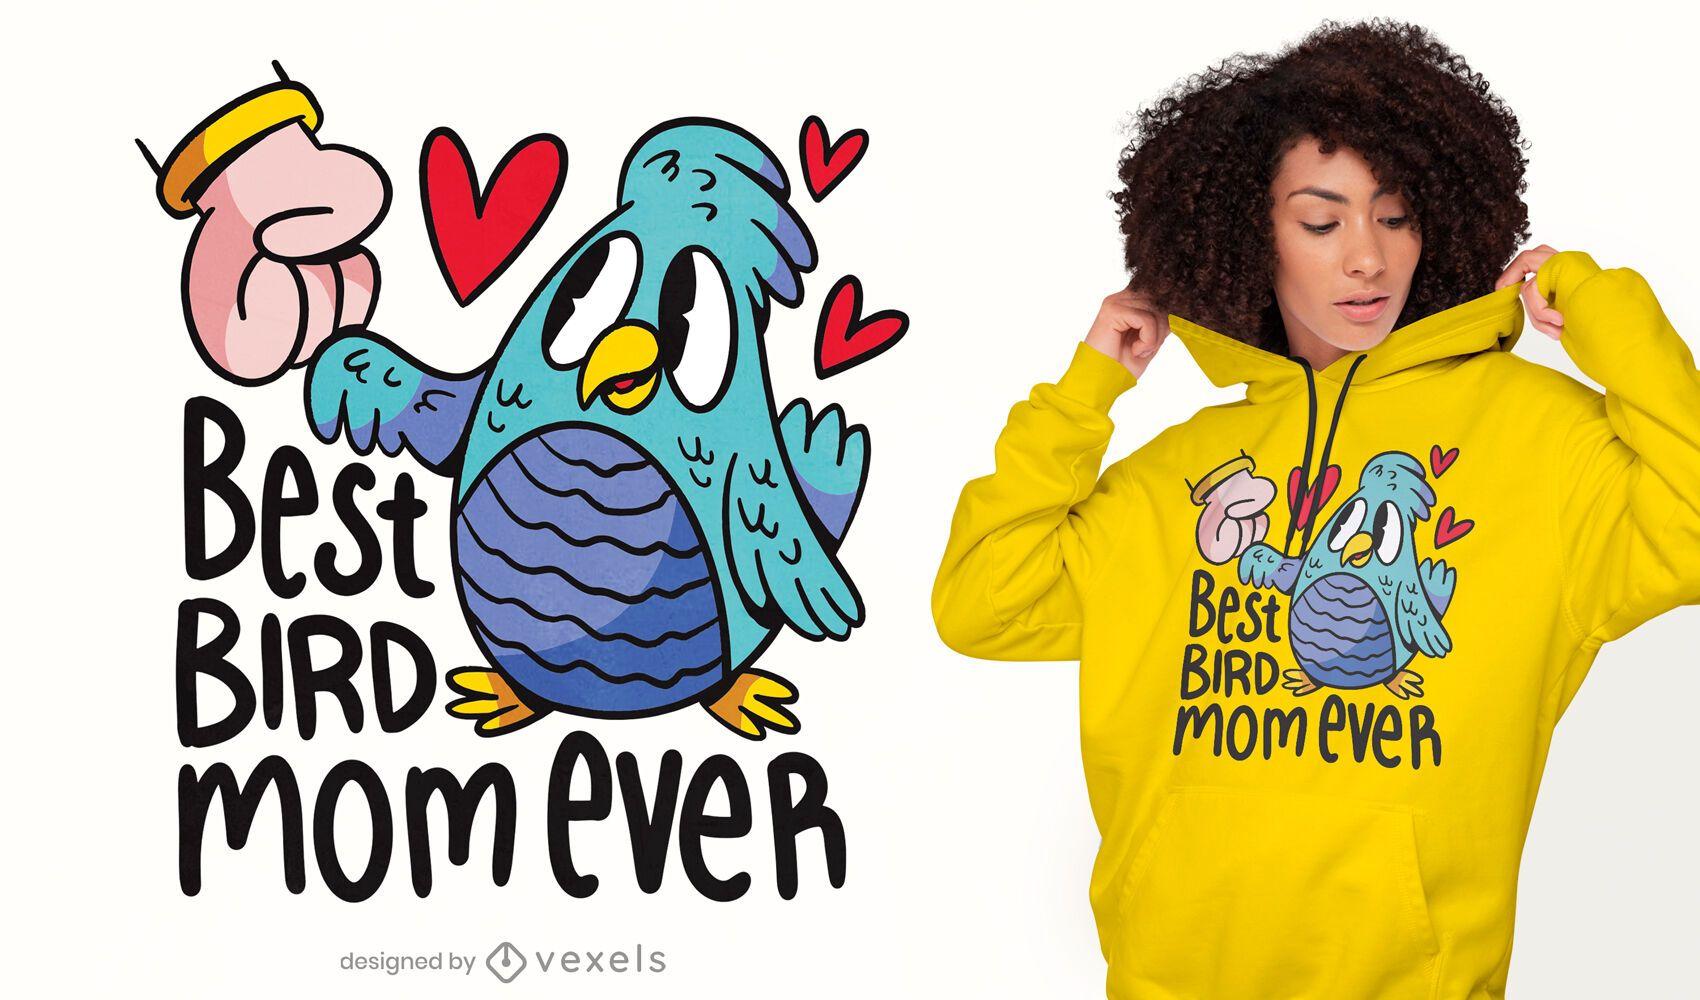 Best bird mom t-shirt design